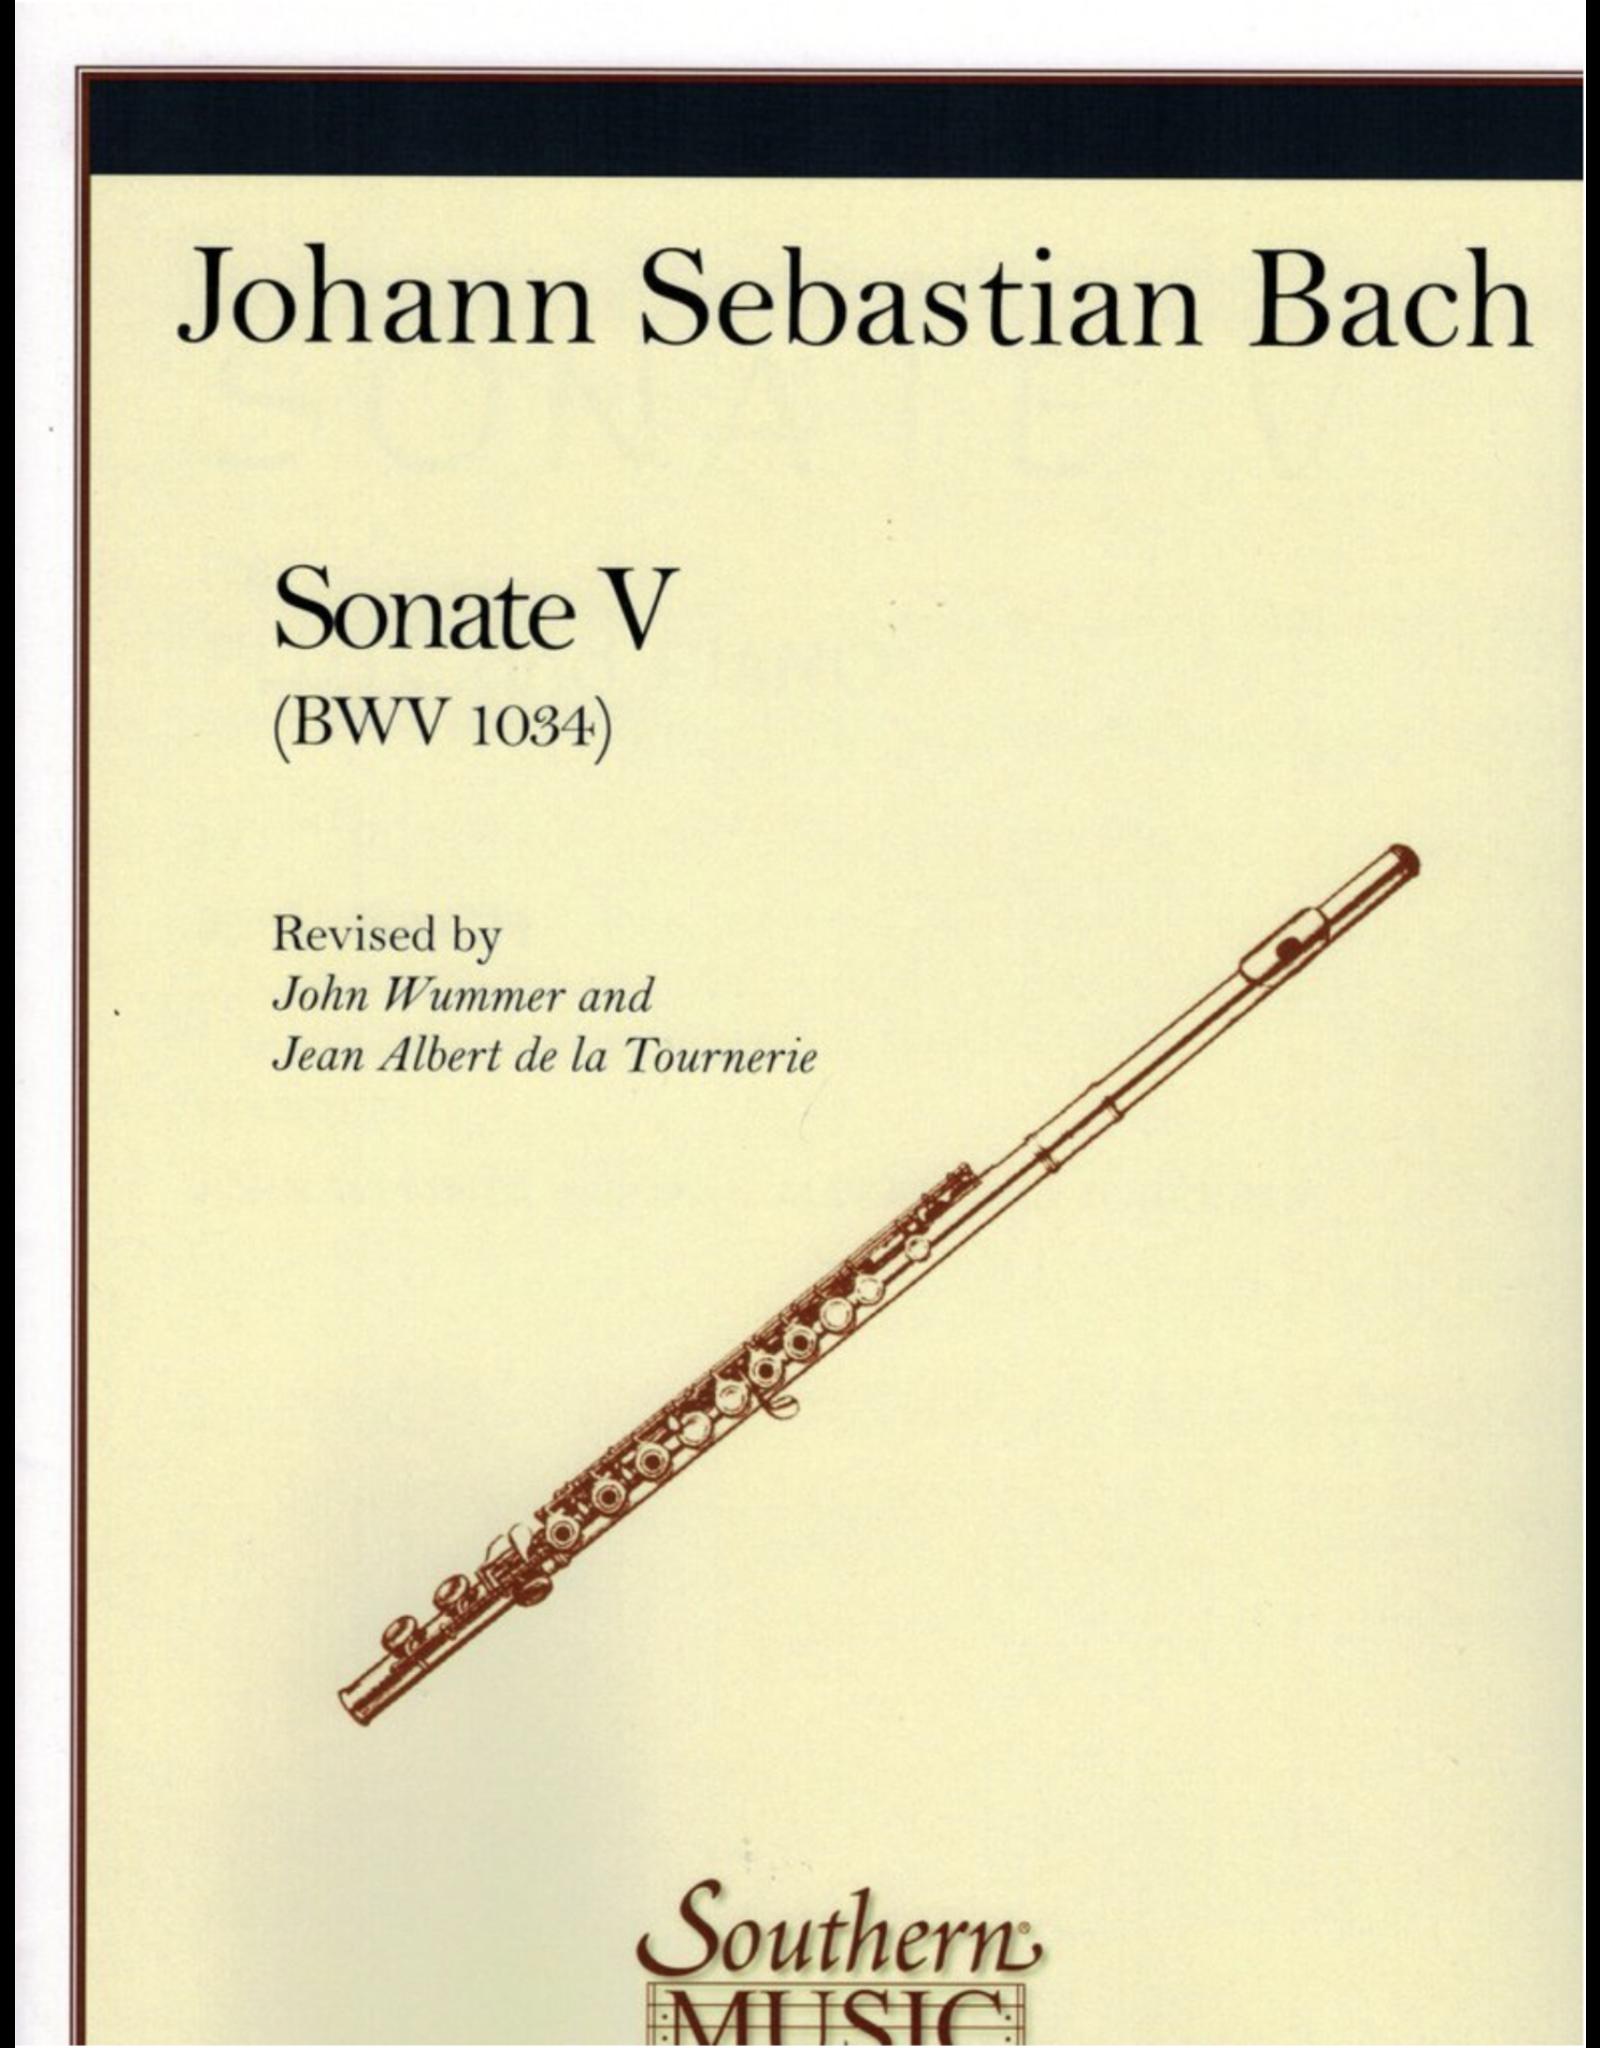 Hal Leonard Bach - Sonata No, 5 in E Minor Flute